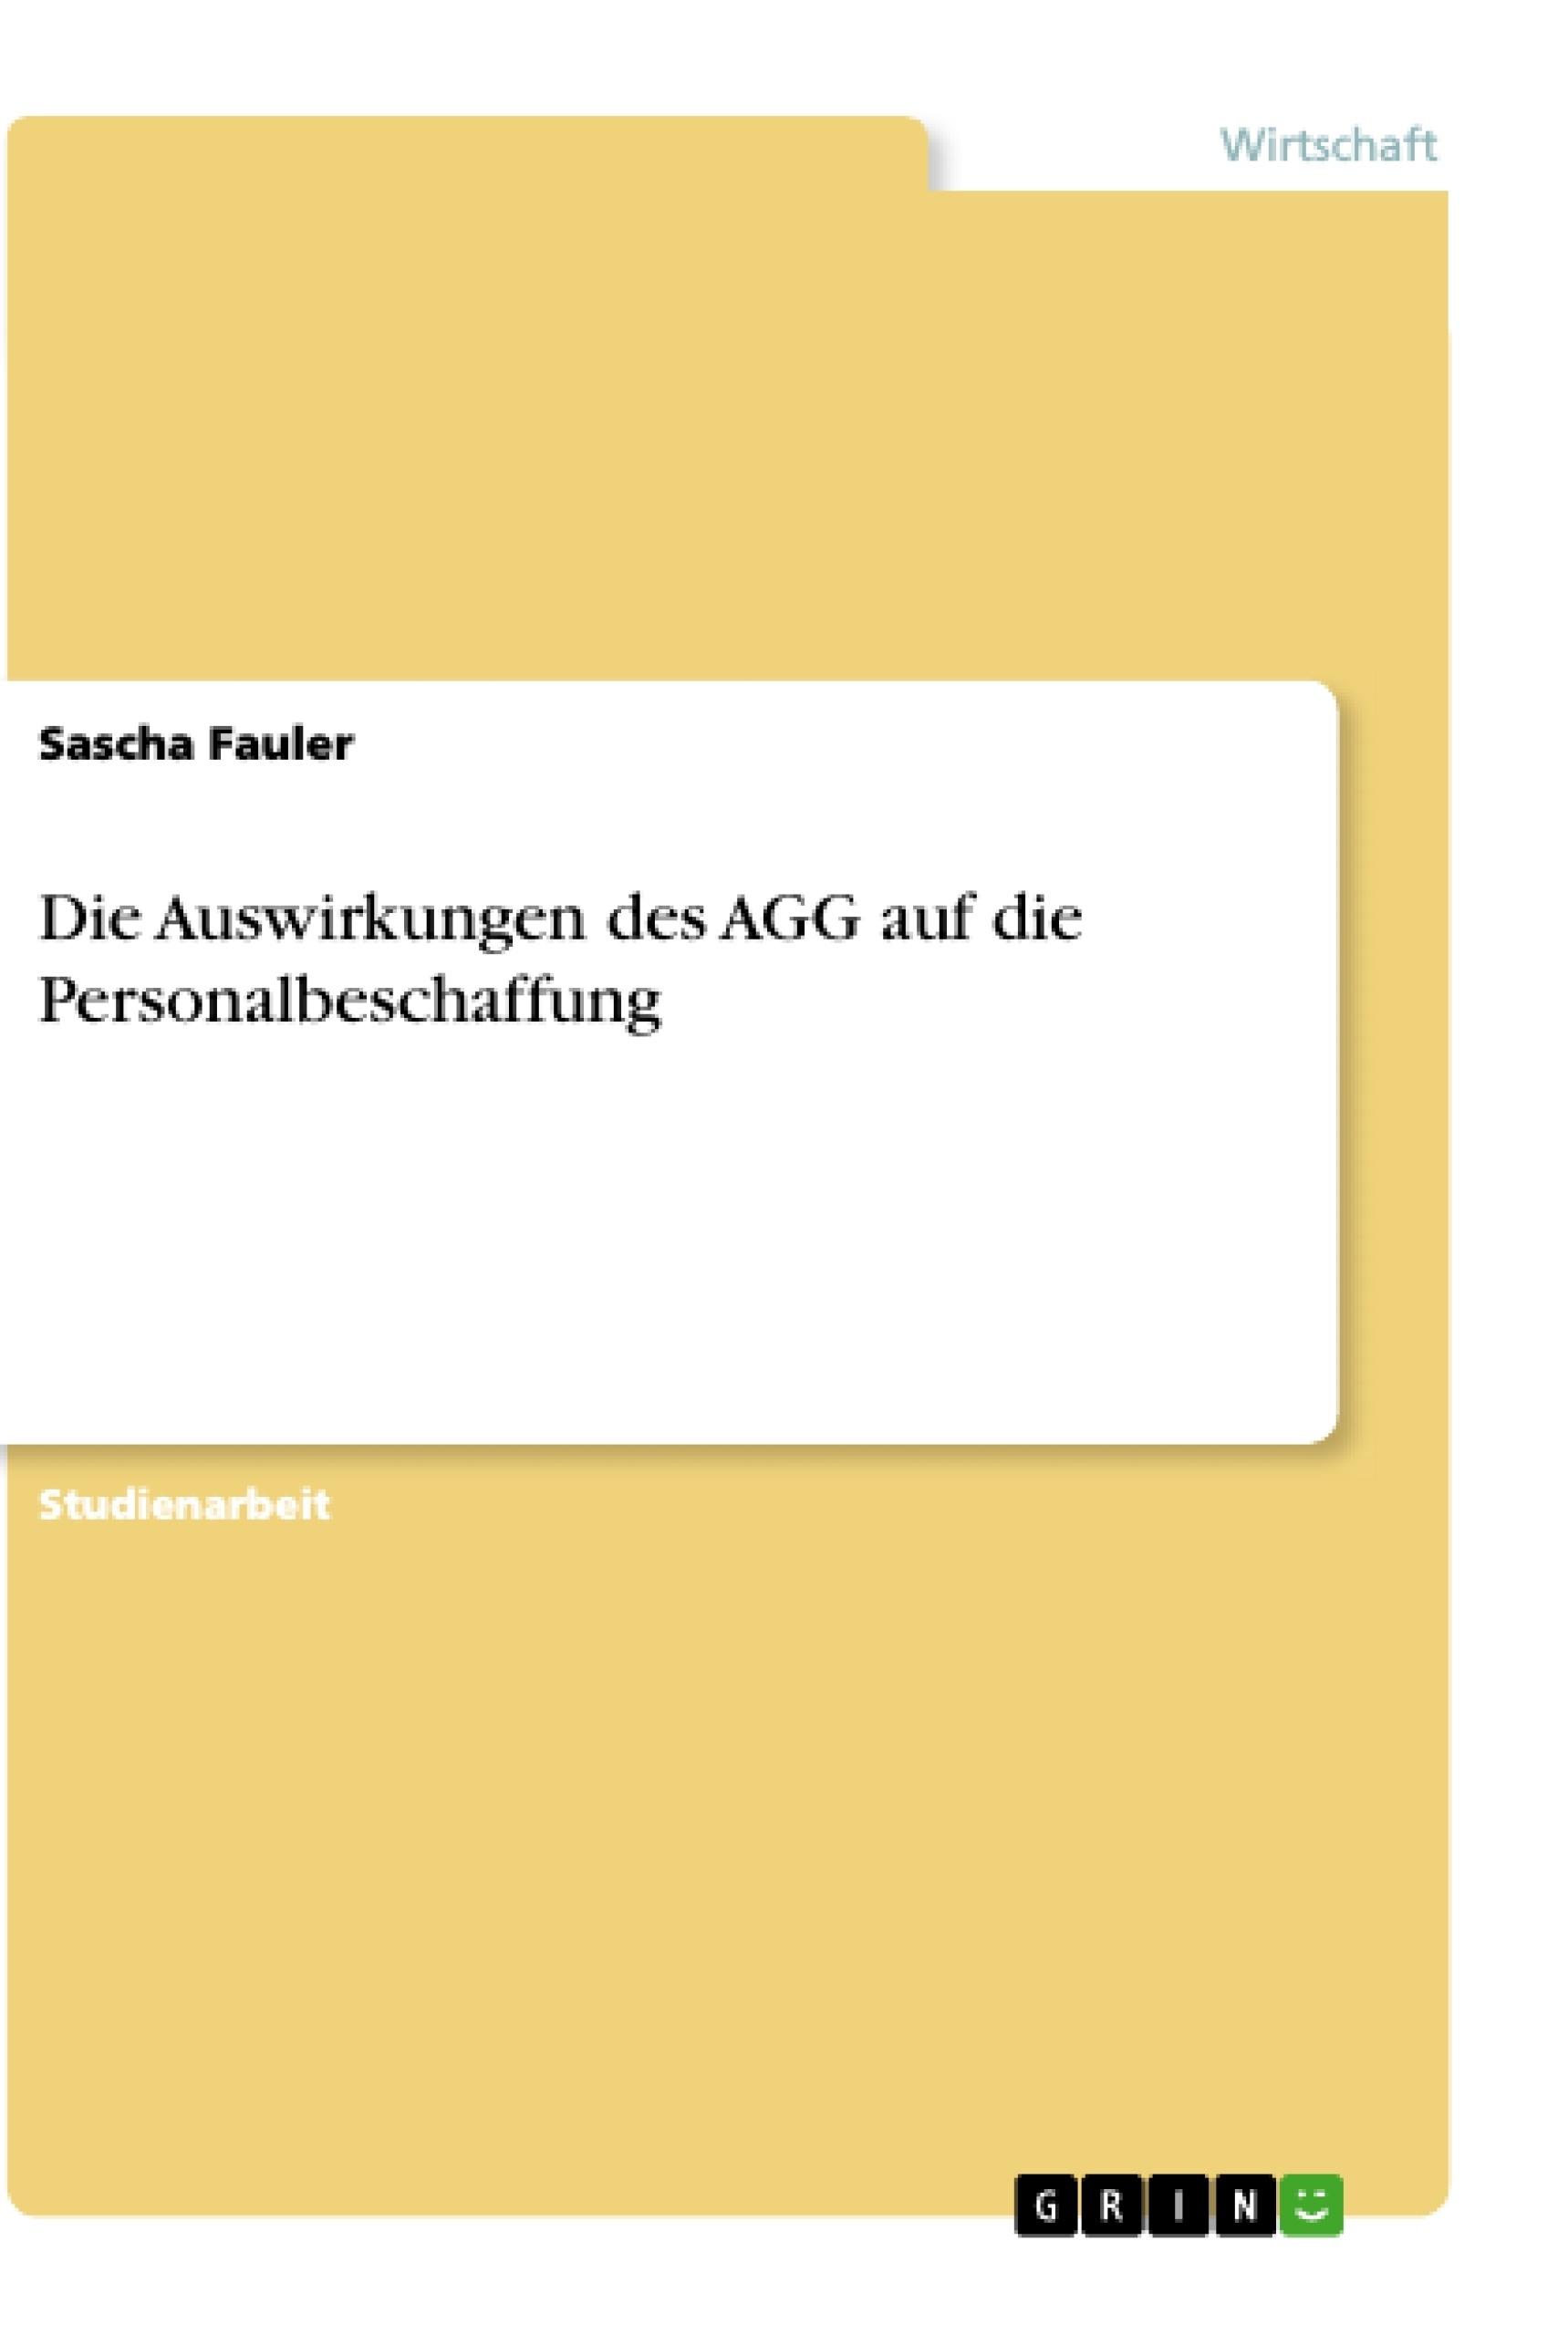 Titel: Die Auswirkungen des AGG auf die Personalbeschaffung